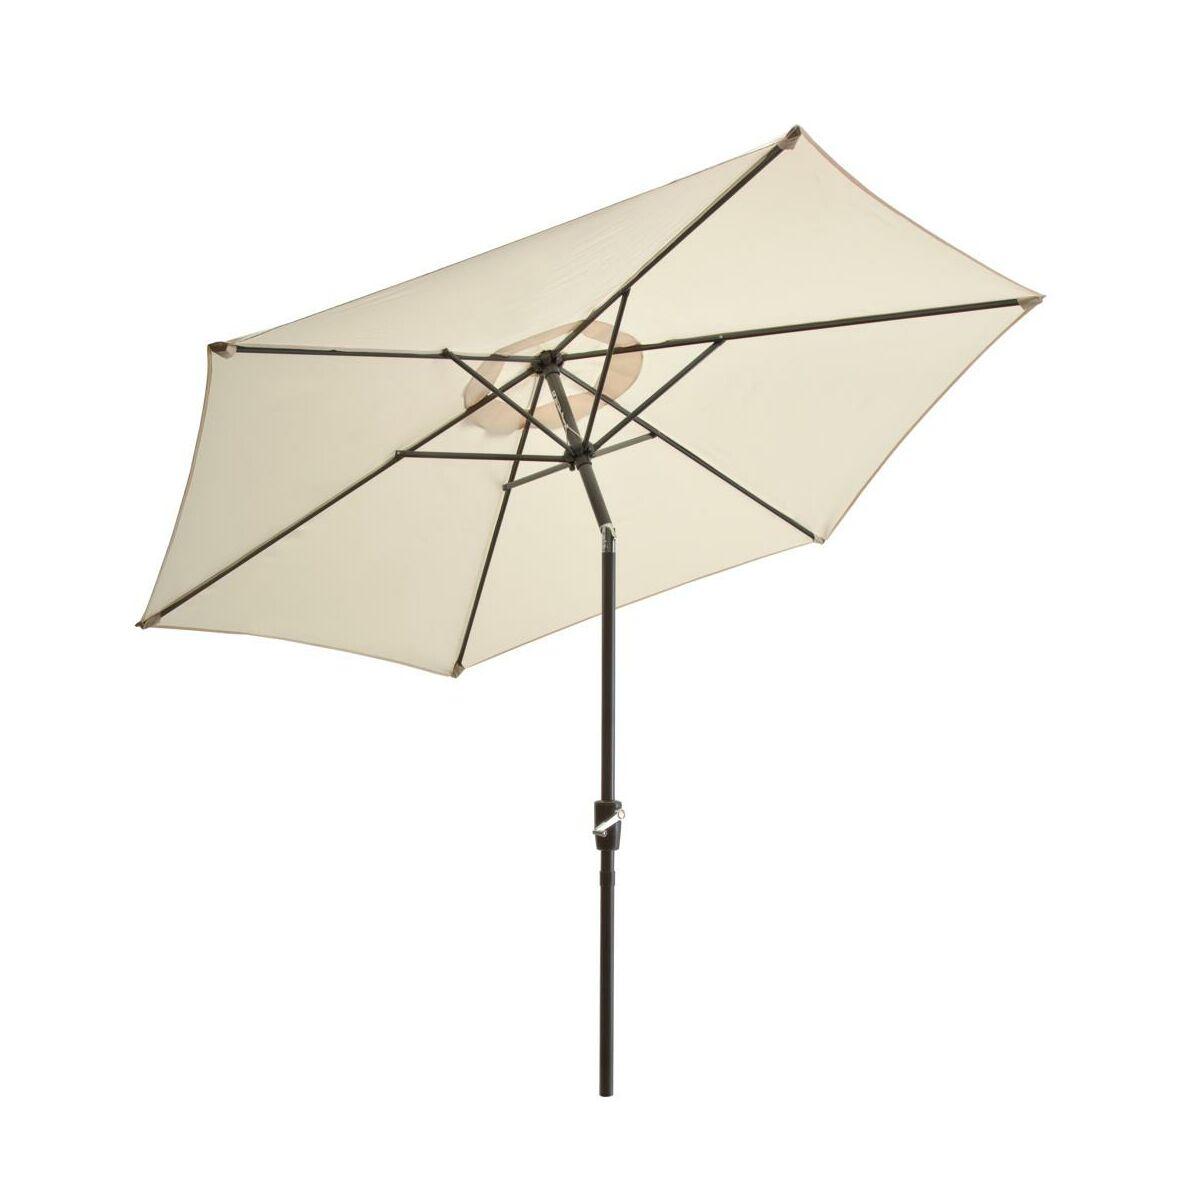 Parasol ogrodowy parasole ogrodowe podstawy w atrakcyjnej cenie w sklepach leroy merlin - Leroy merlin parasol deporte ...